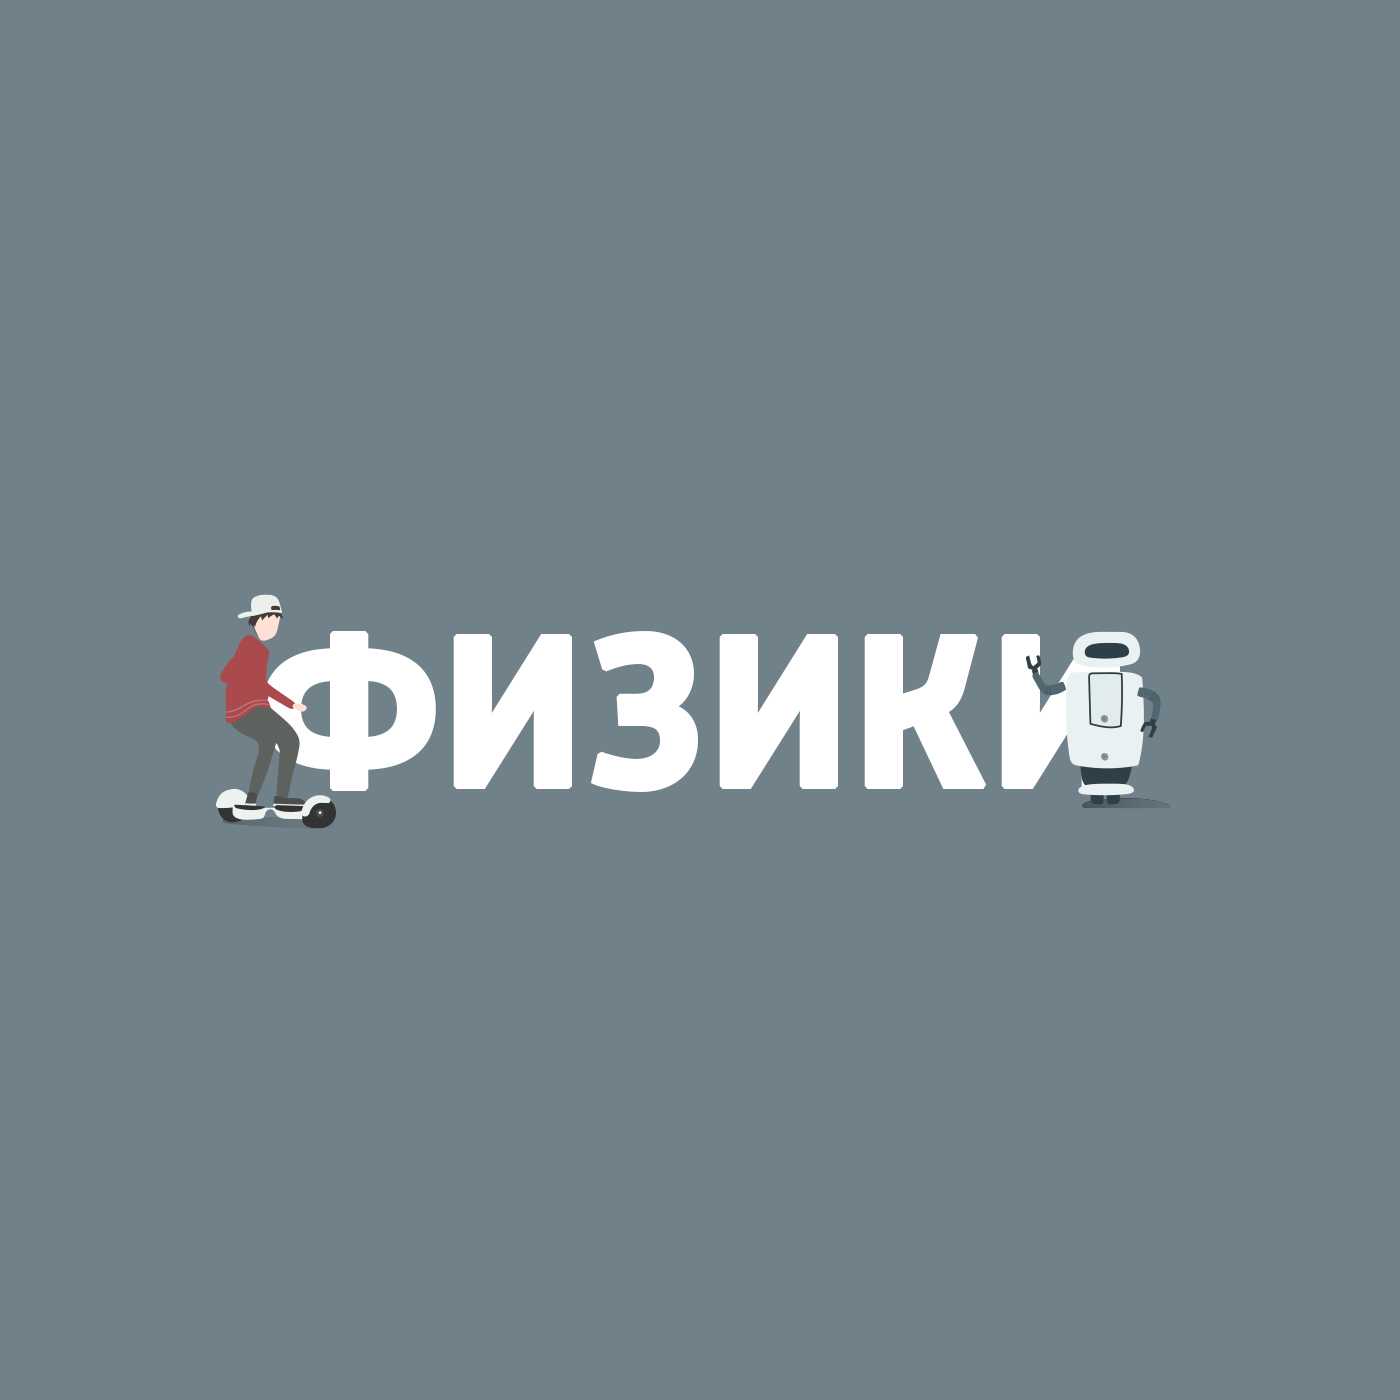 Маргарита Митрофанова VR кинематограф mini foldable 3d vr glasses for smartphone